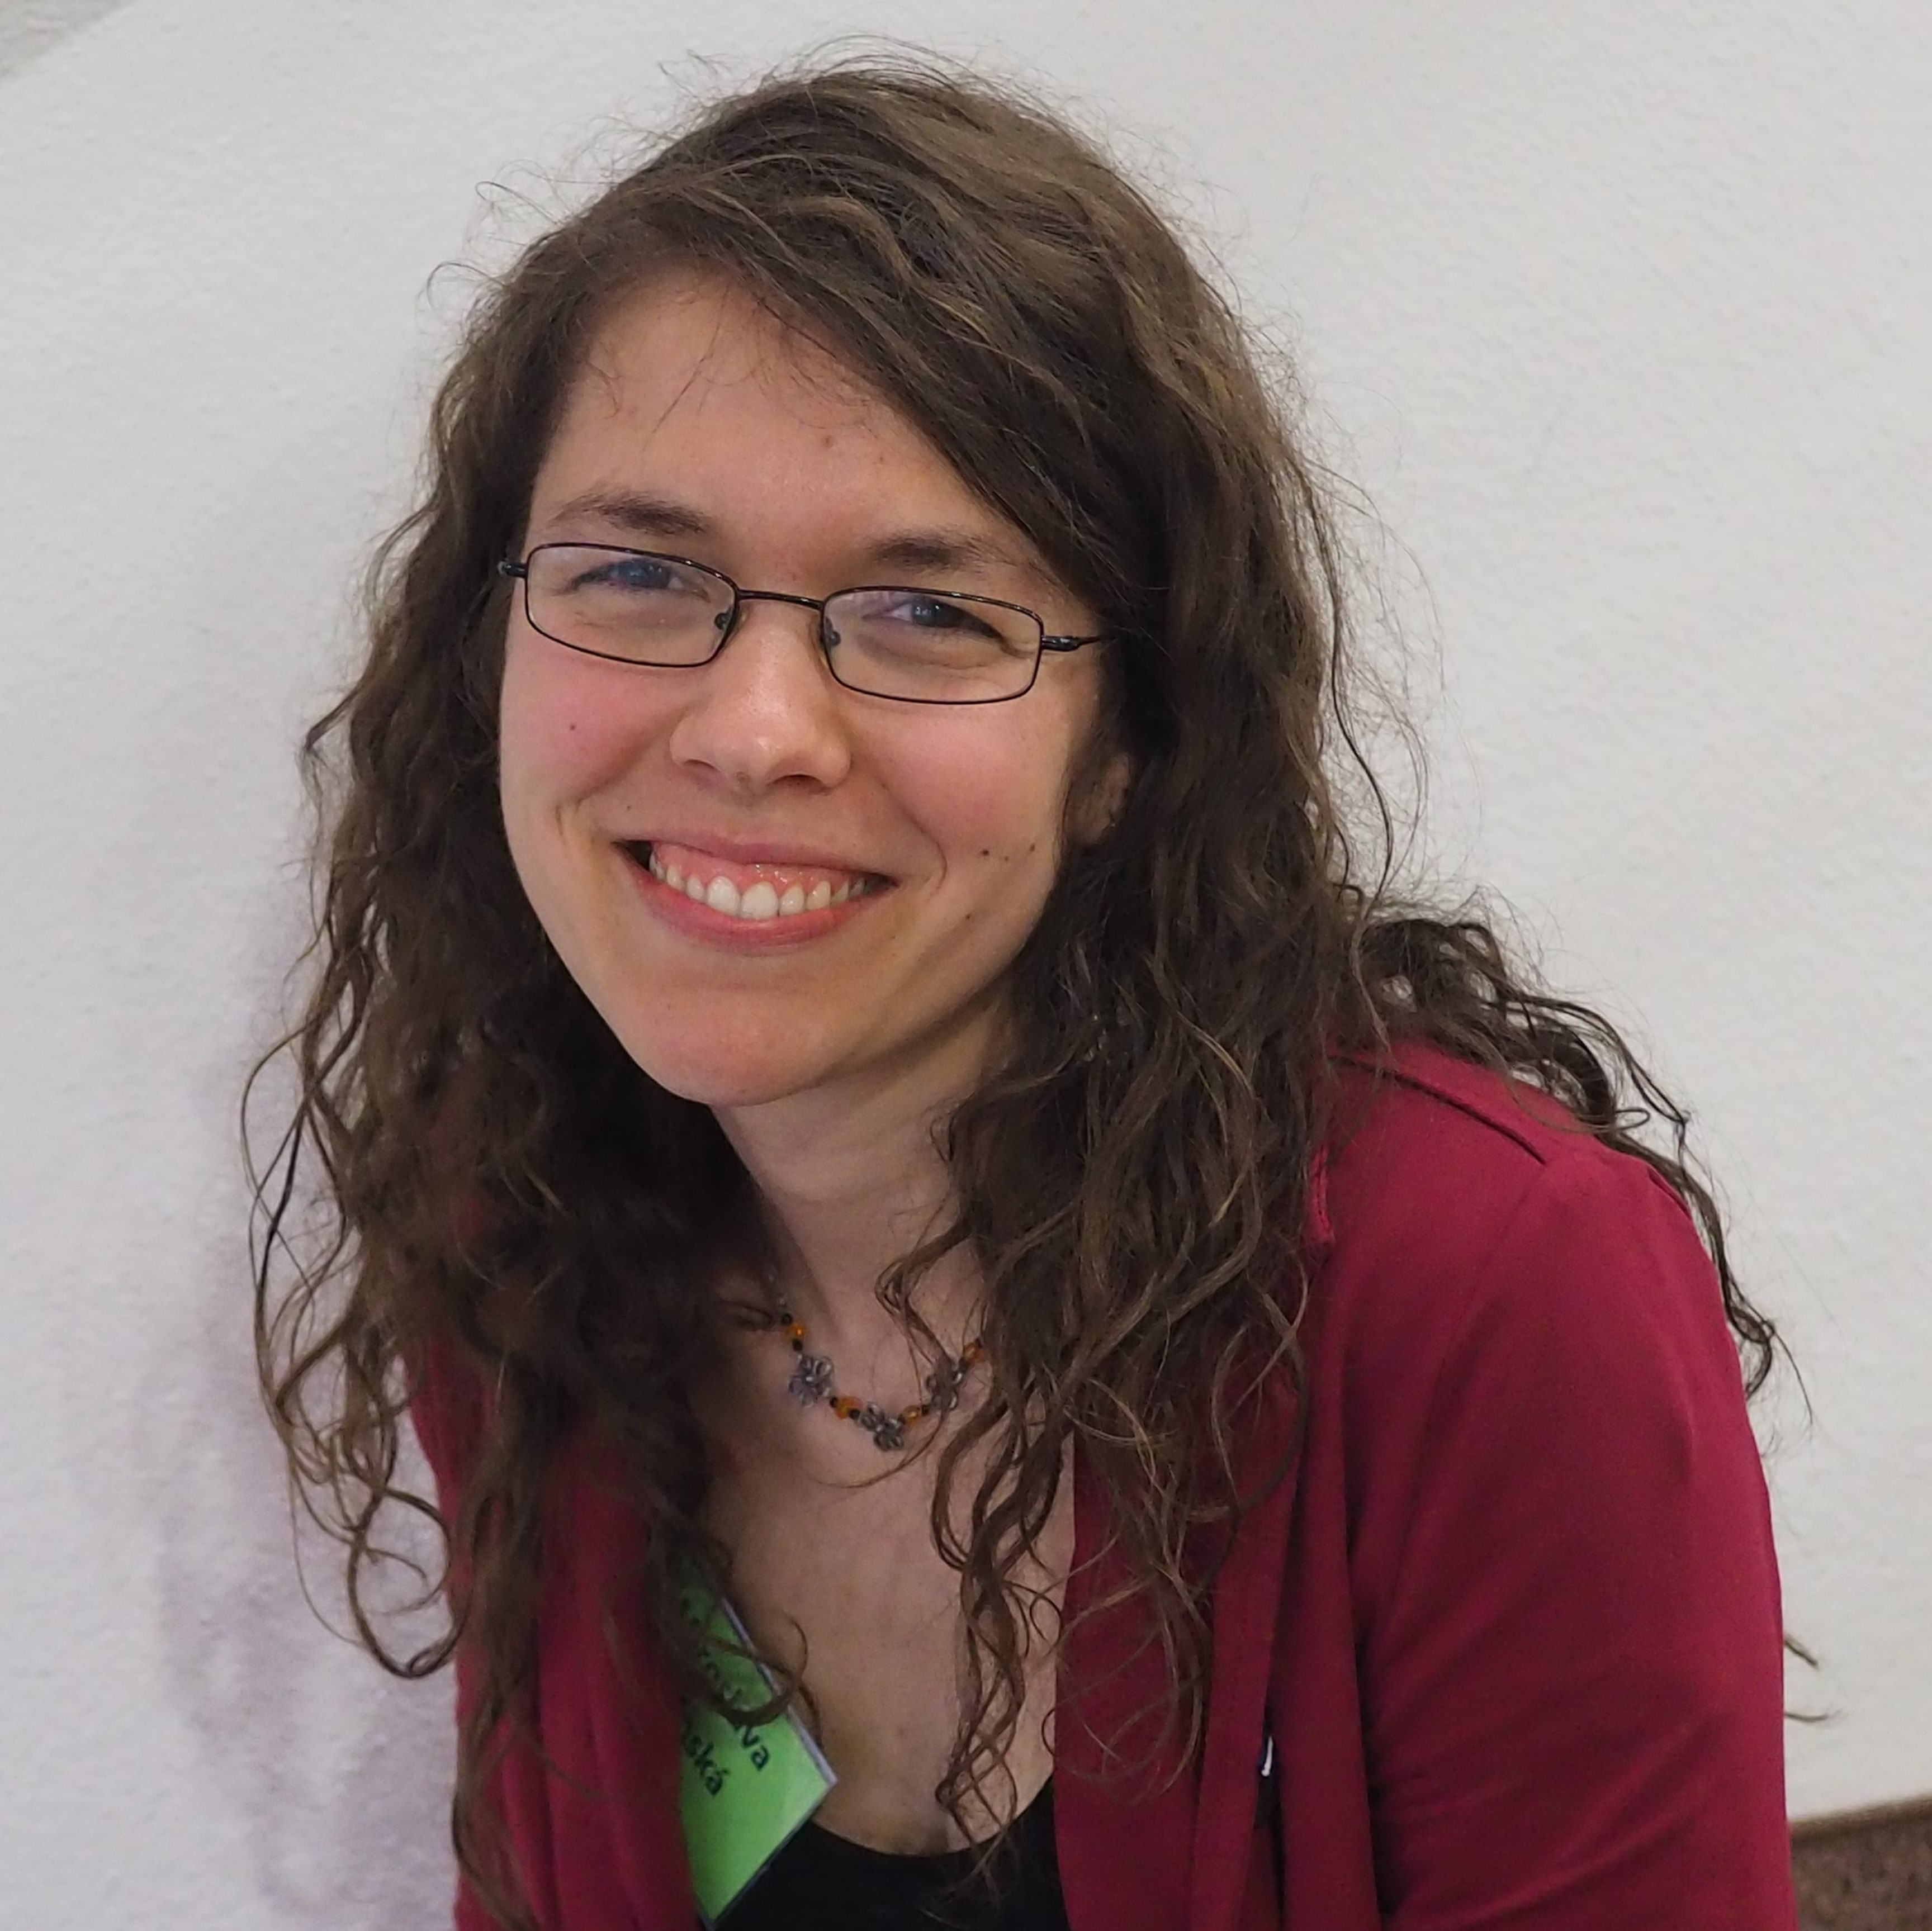 Miroslava Žilinská